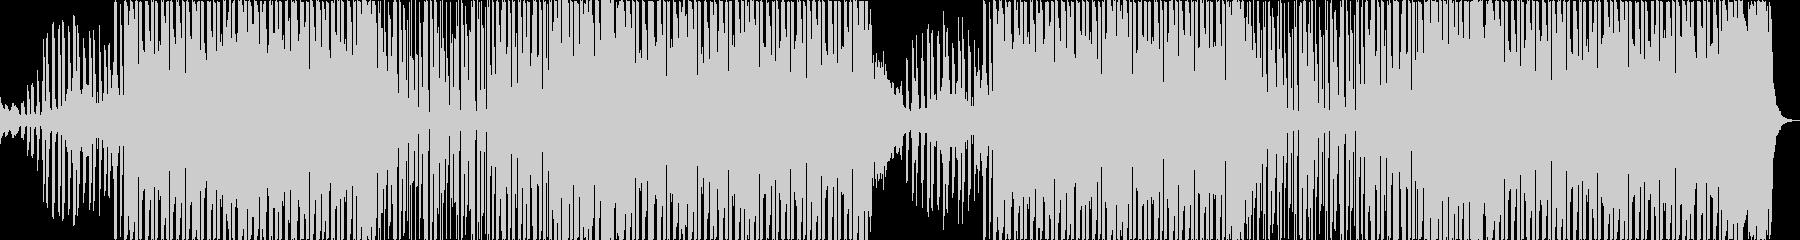 おしゃれ洋楽トラップヒップホップレゲエaの未再生の波形